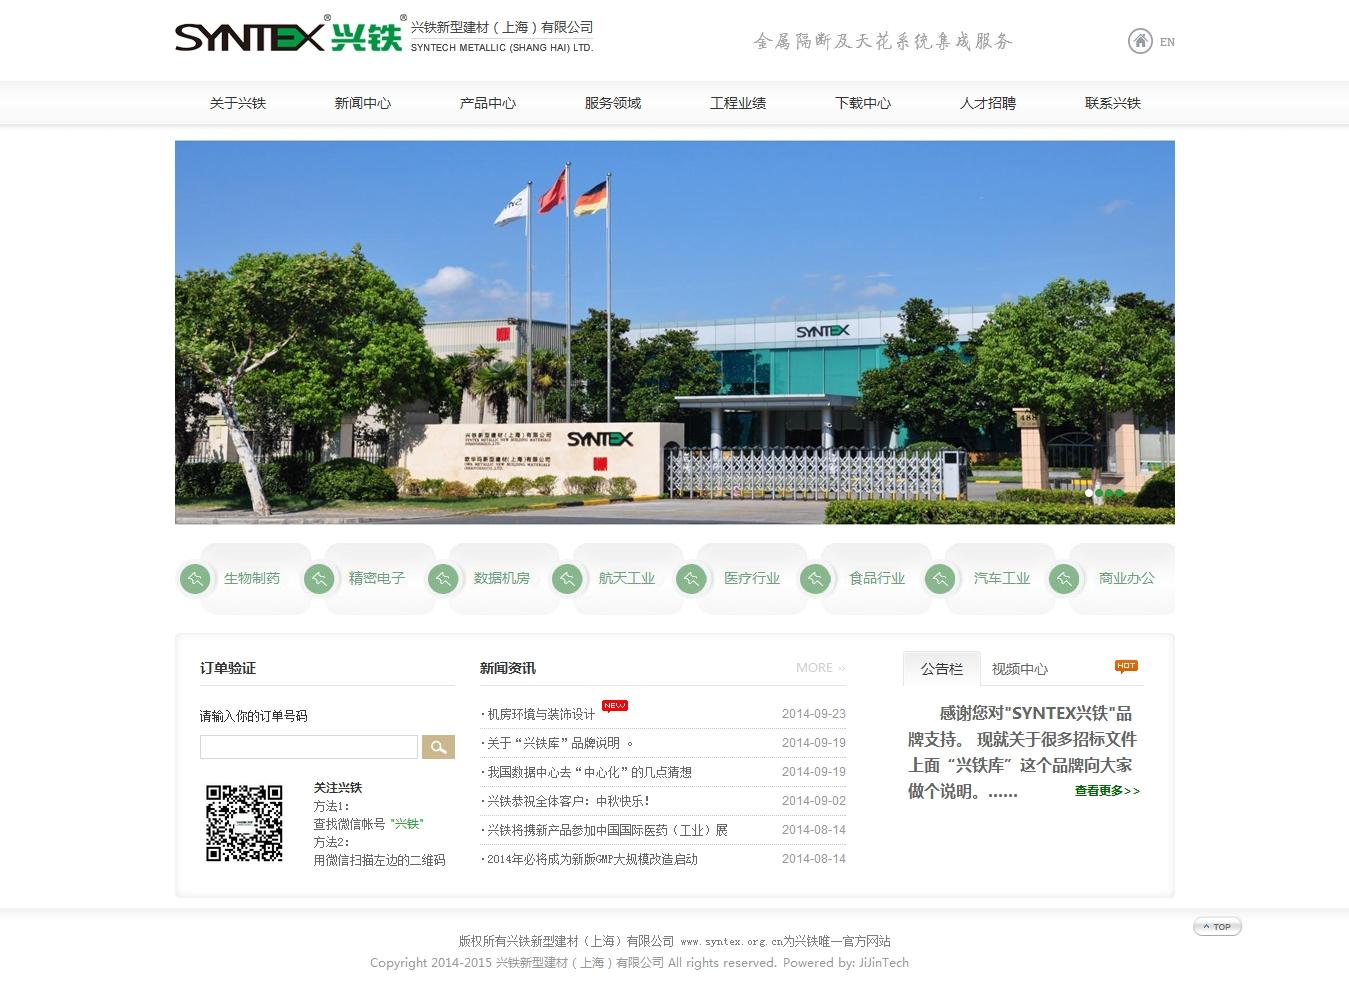 兴铁新型建材(上海)有限公司案例图片